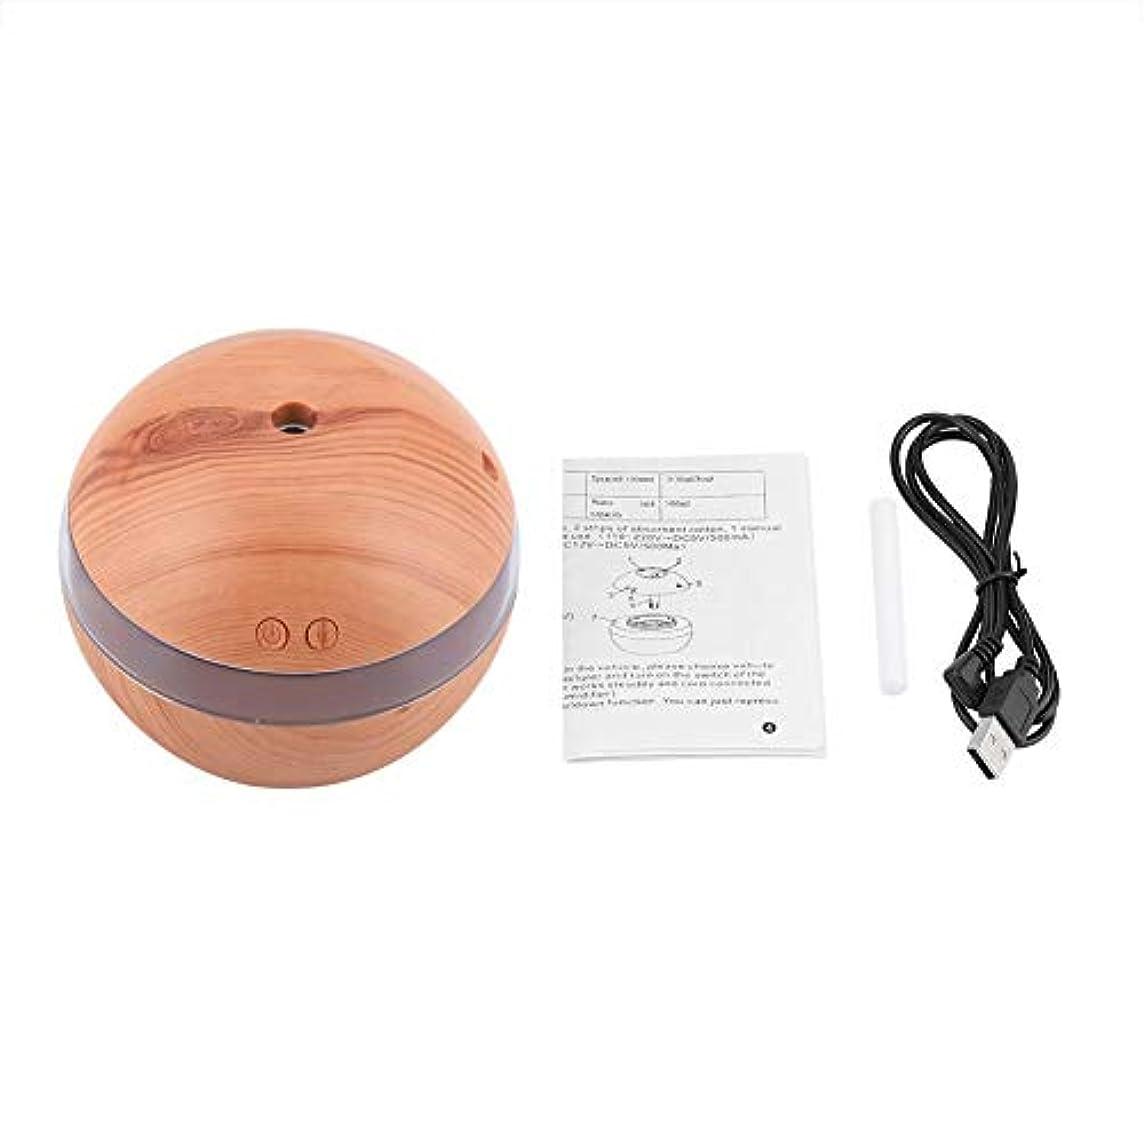 からに変化するアレイ特性加湿器、300ml USB超静かなアロマセラピーディフューザーDc 5 vとLedライトライト木製/暗い木製の寝室、リビング、オフィスのオプション(軽い木製)